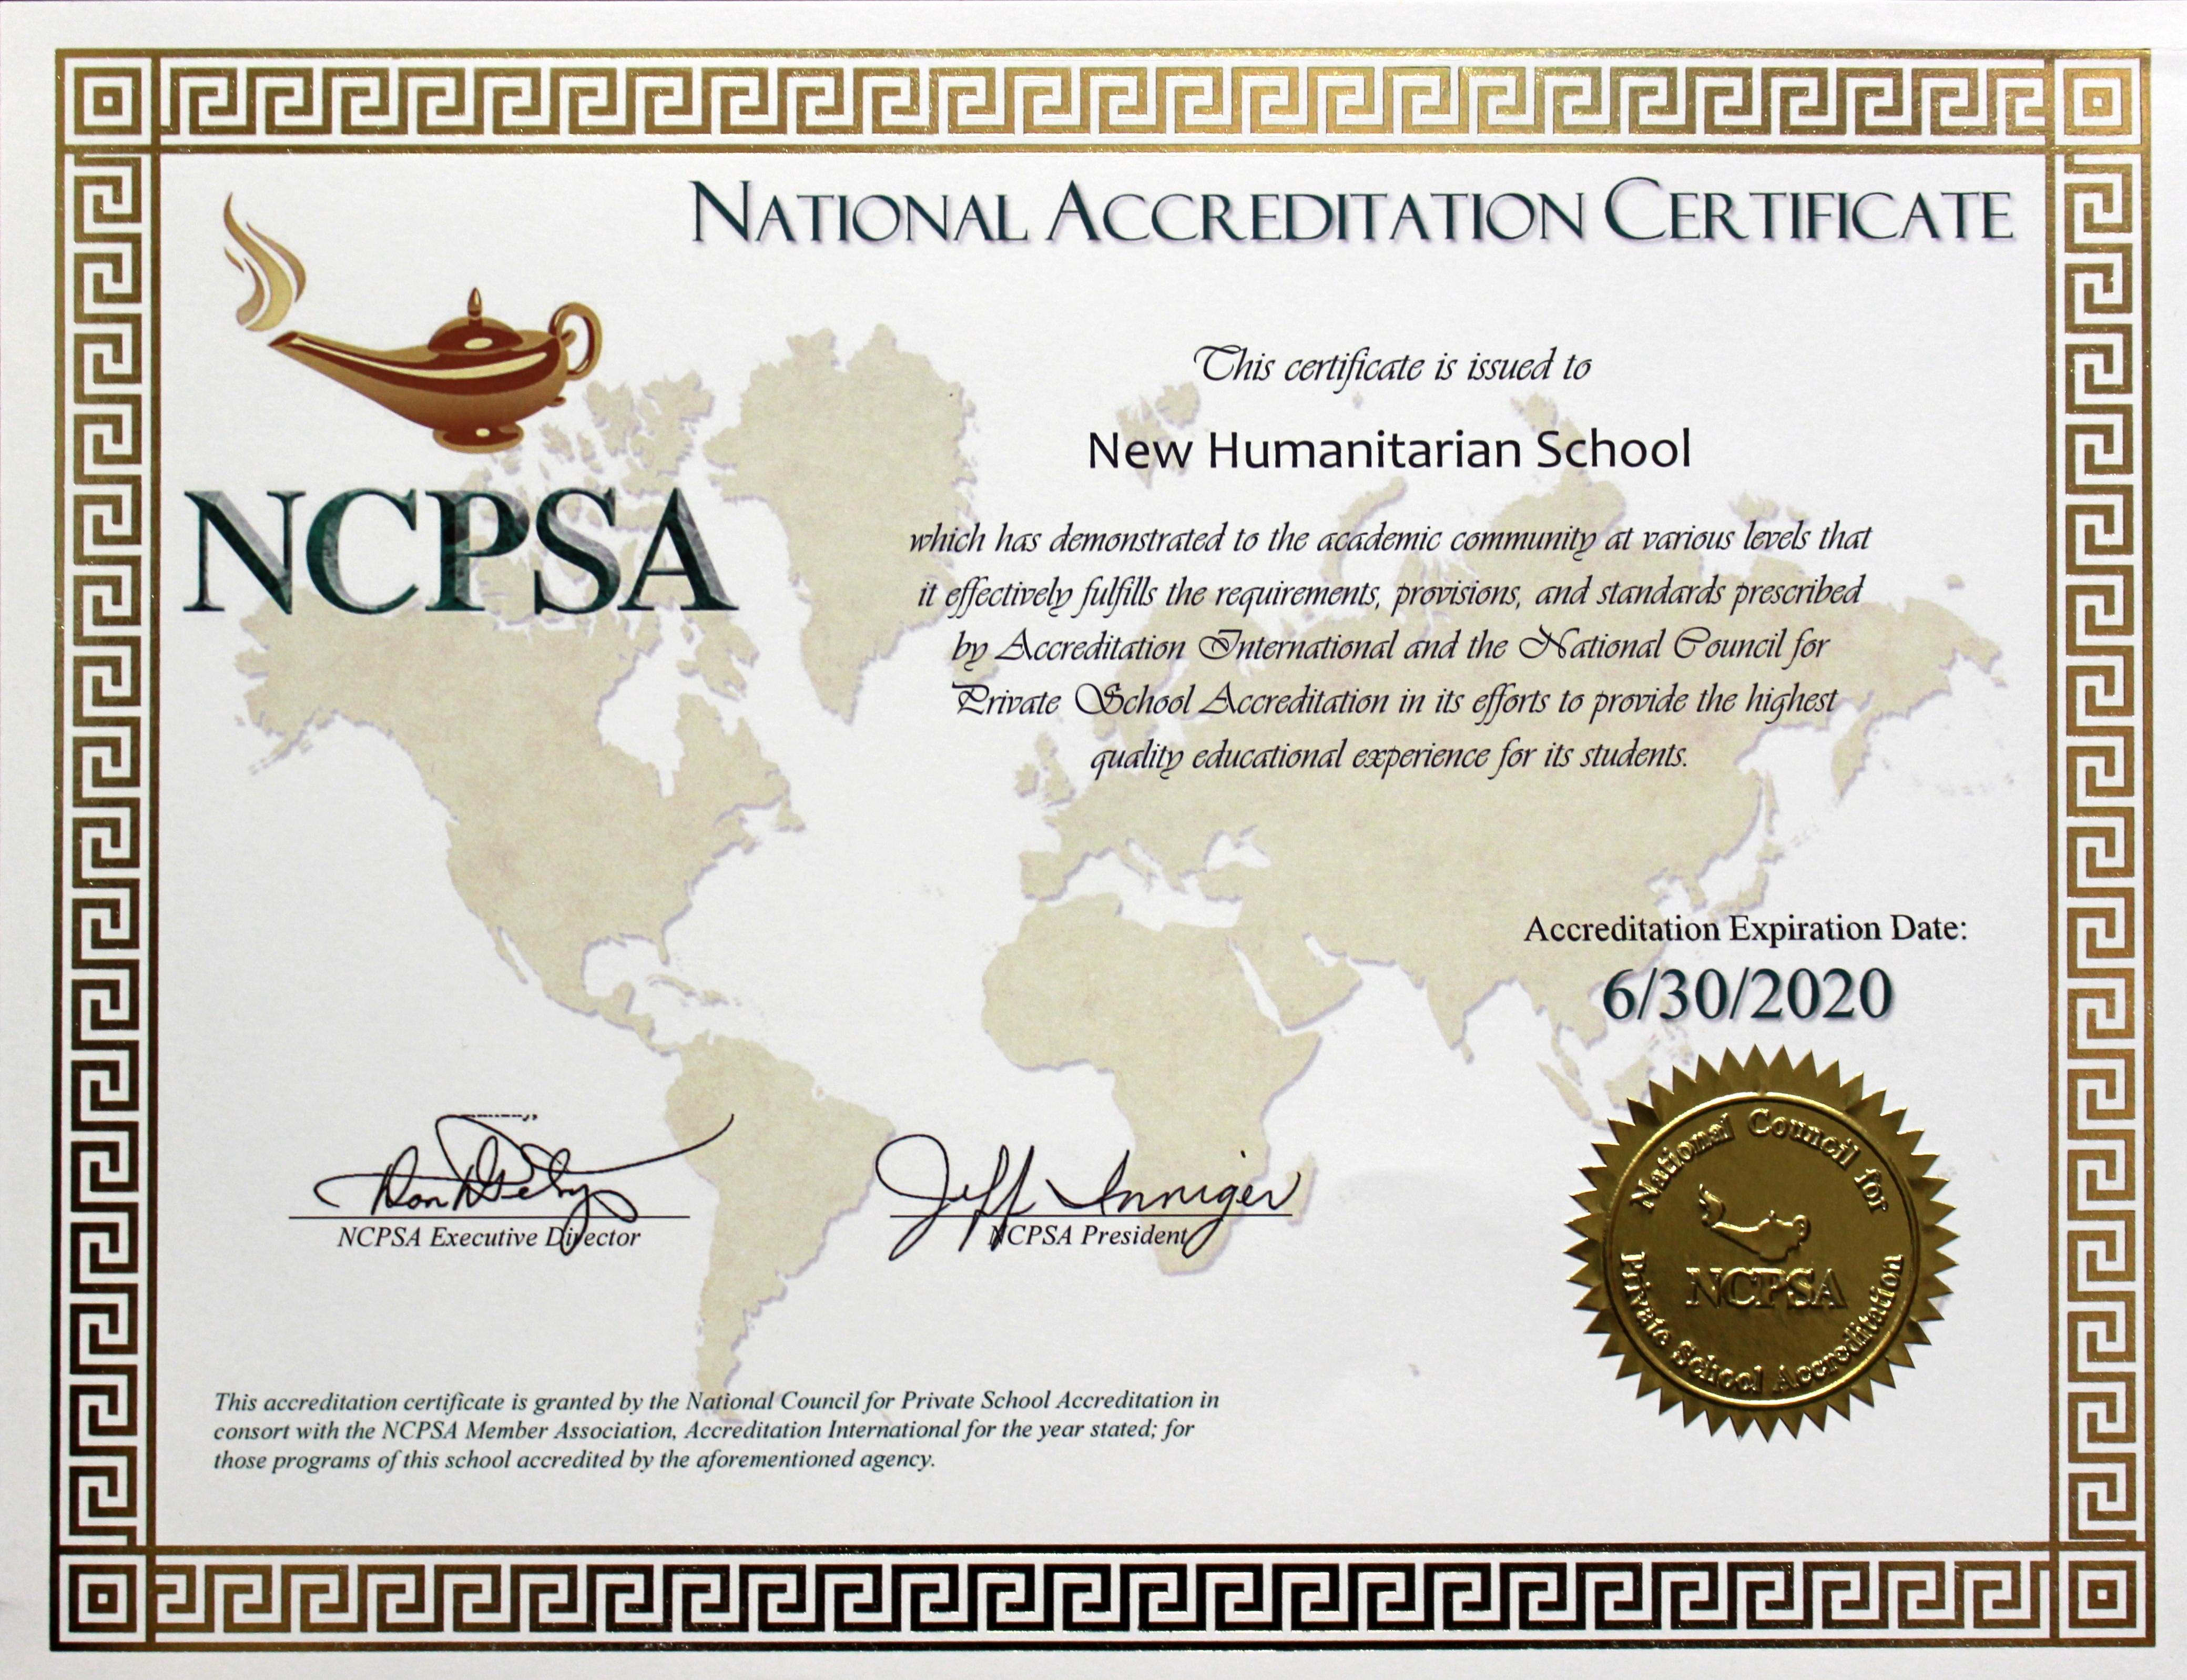 Международная аккредитация NCPSA